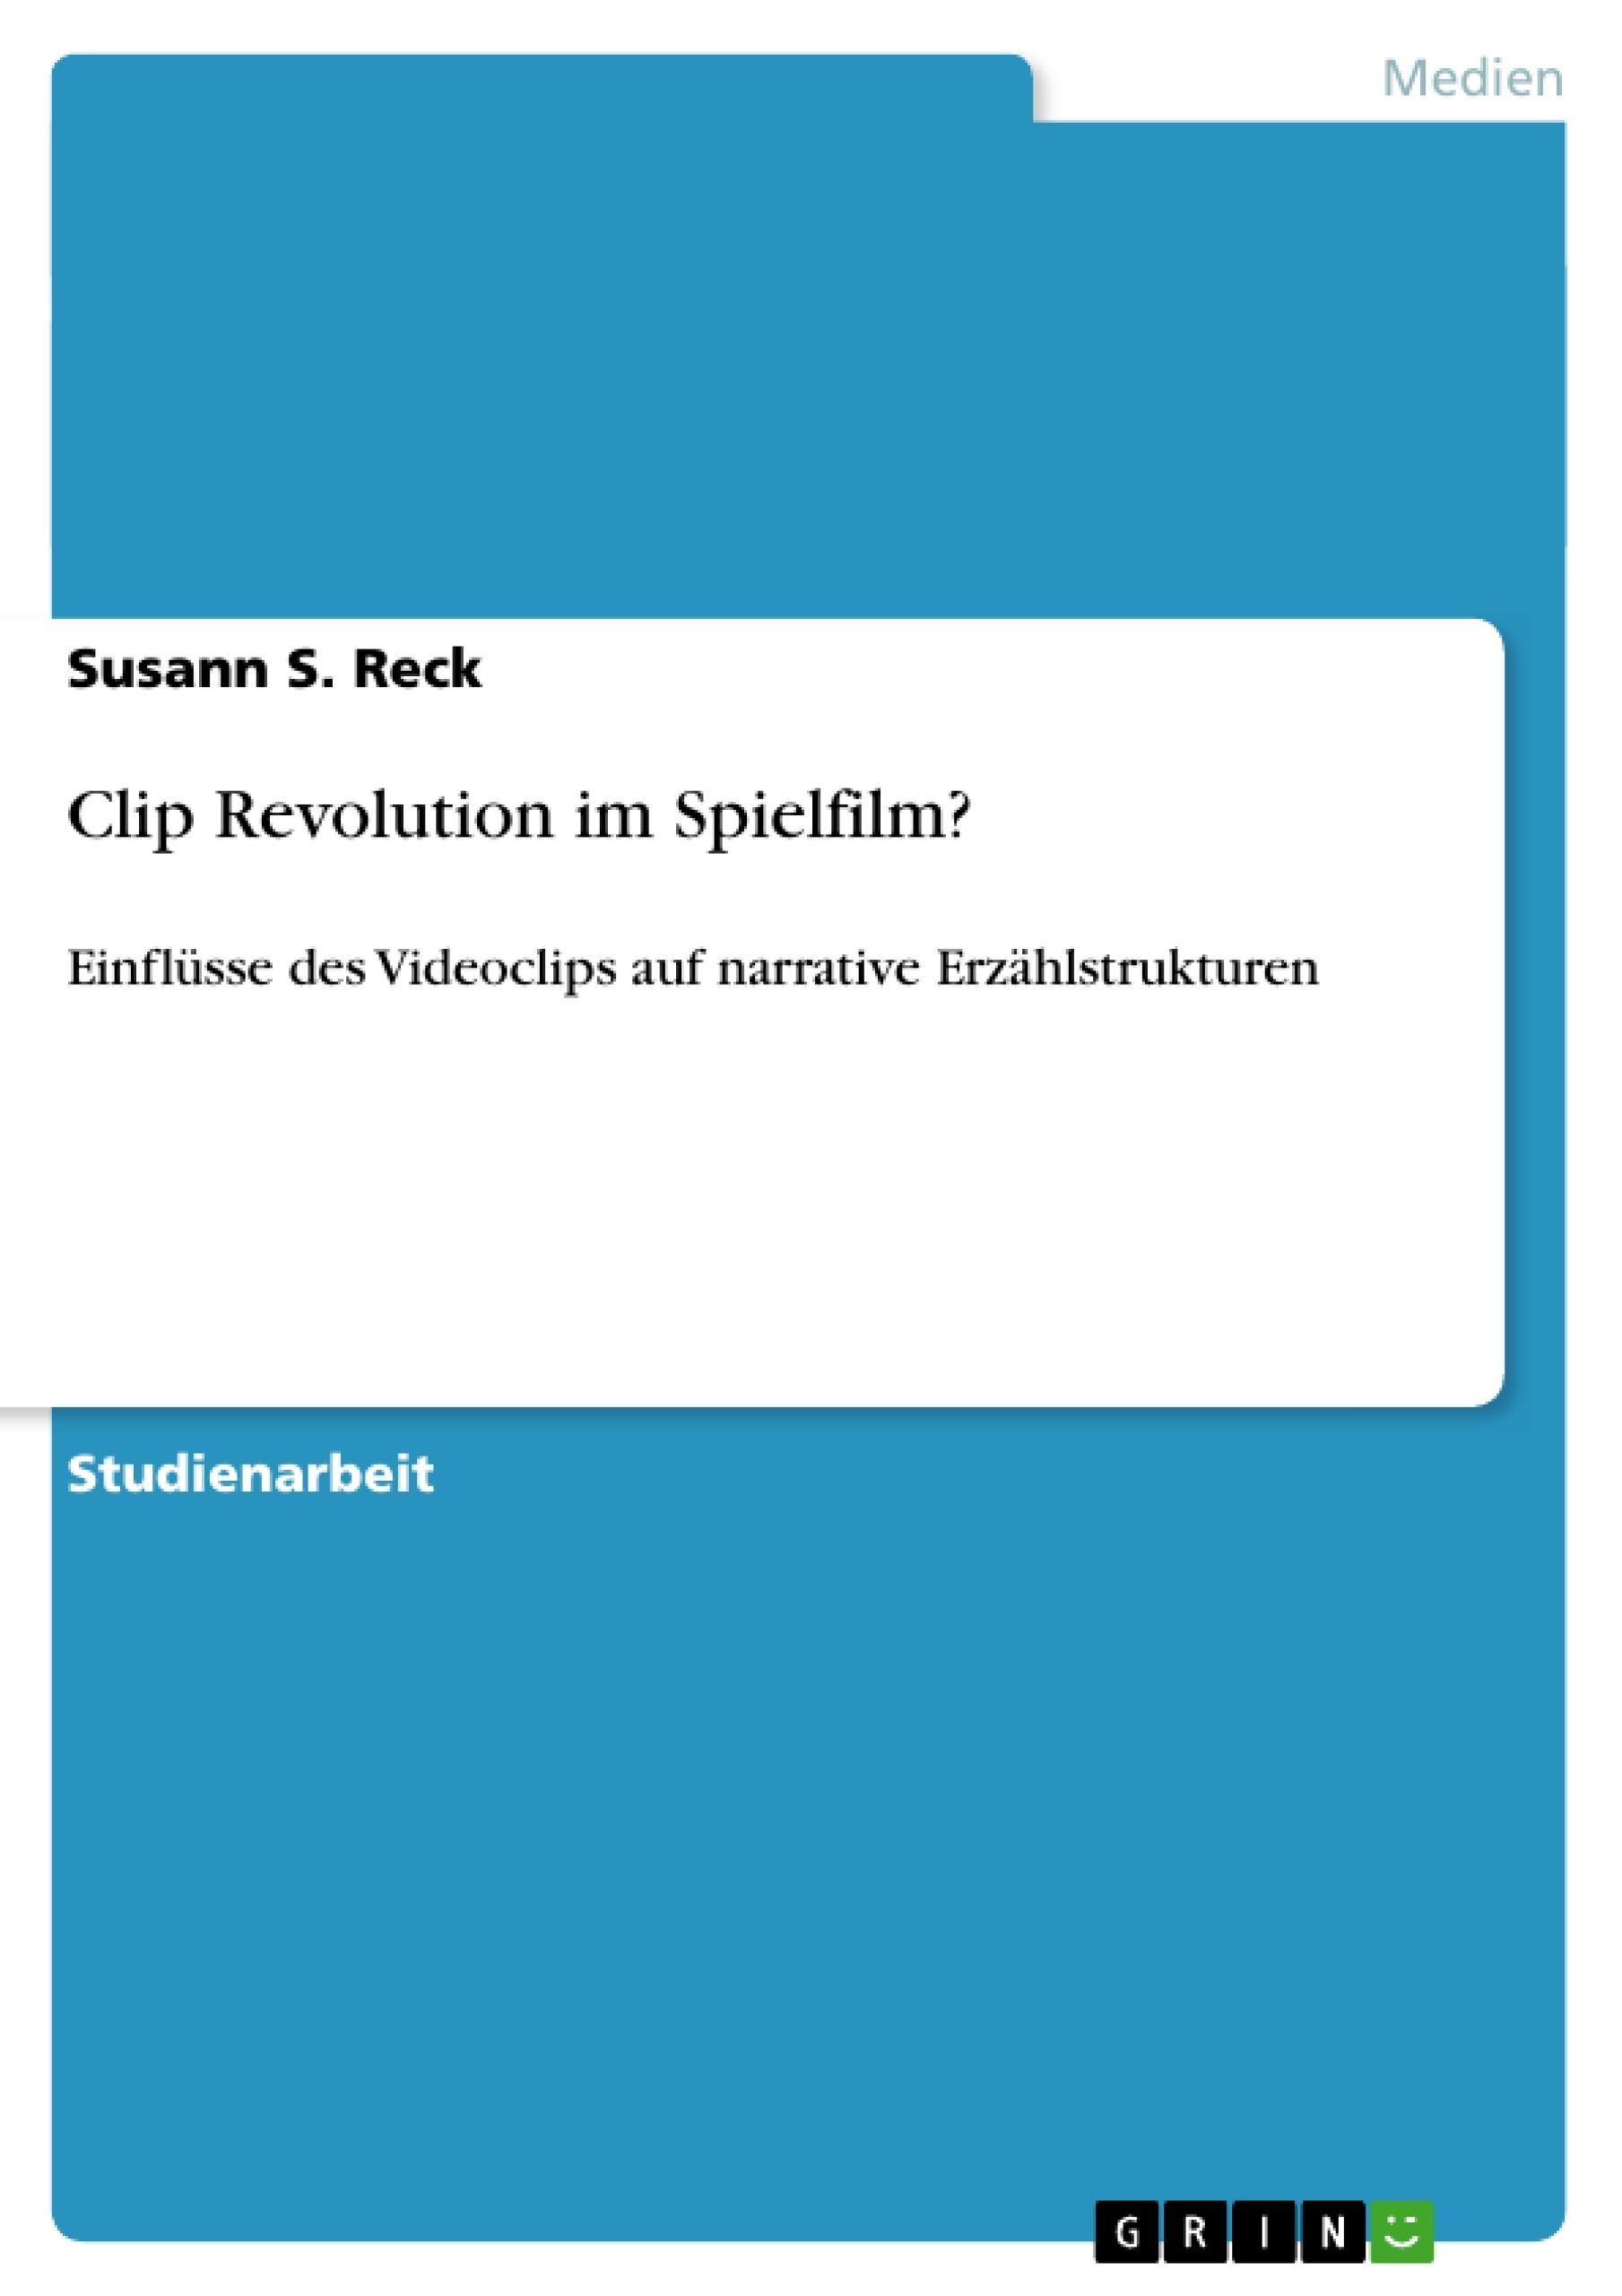 Titel: Clip Revolution im Spielfilm?